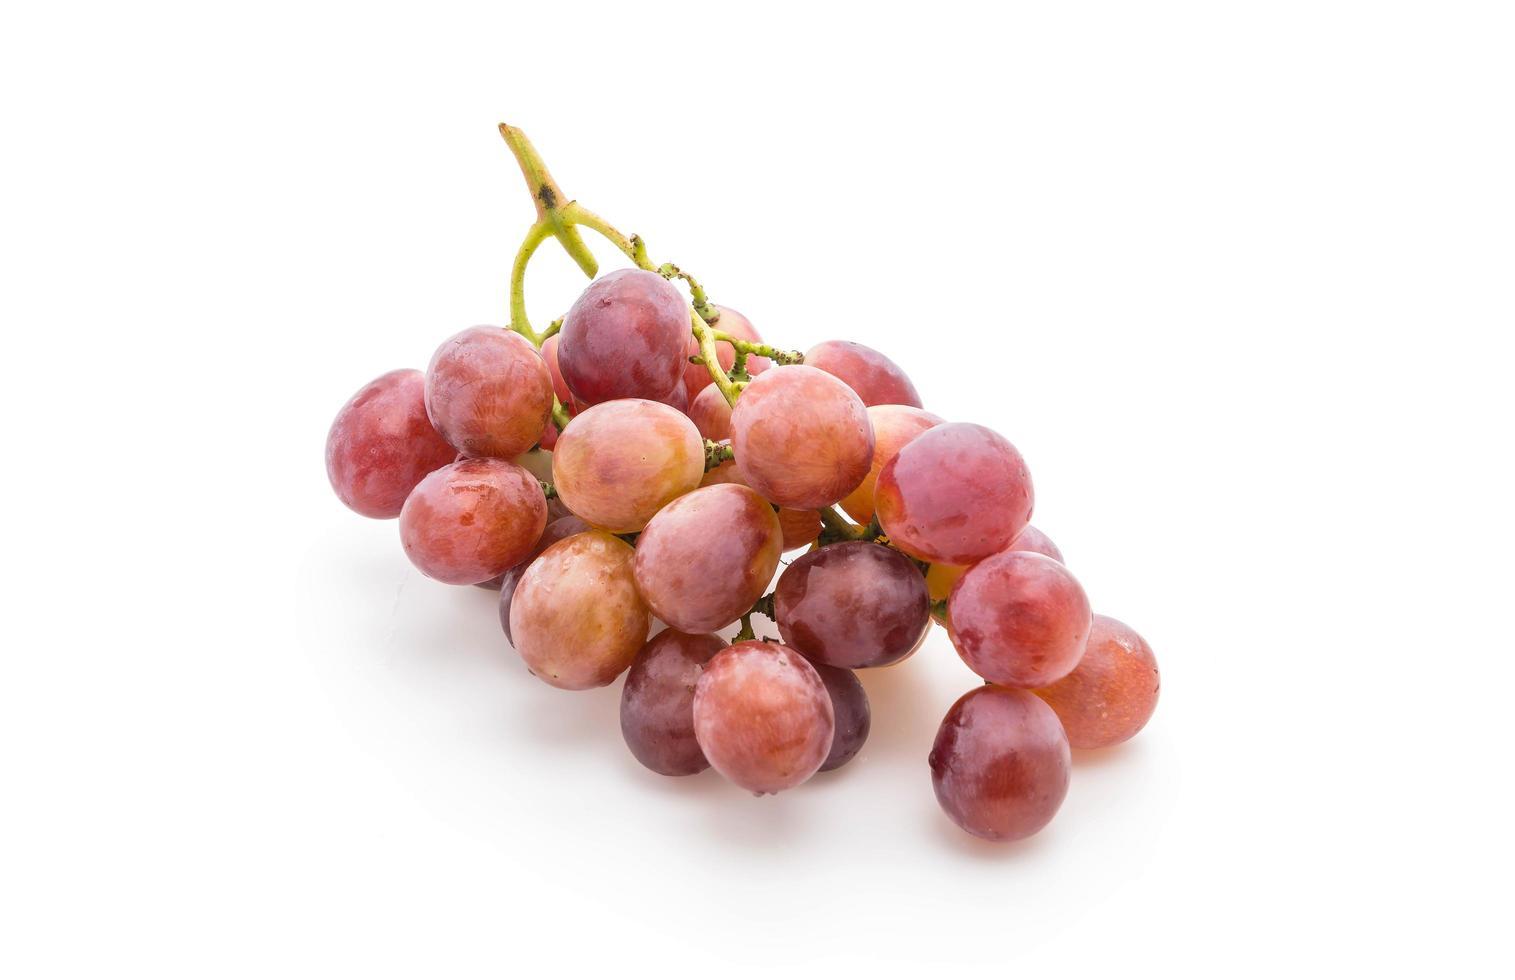 uvas vermelhas em fundo branco foto